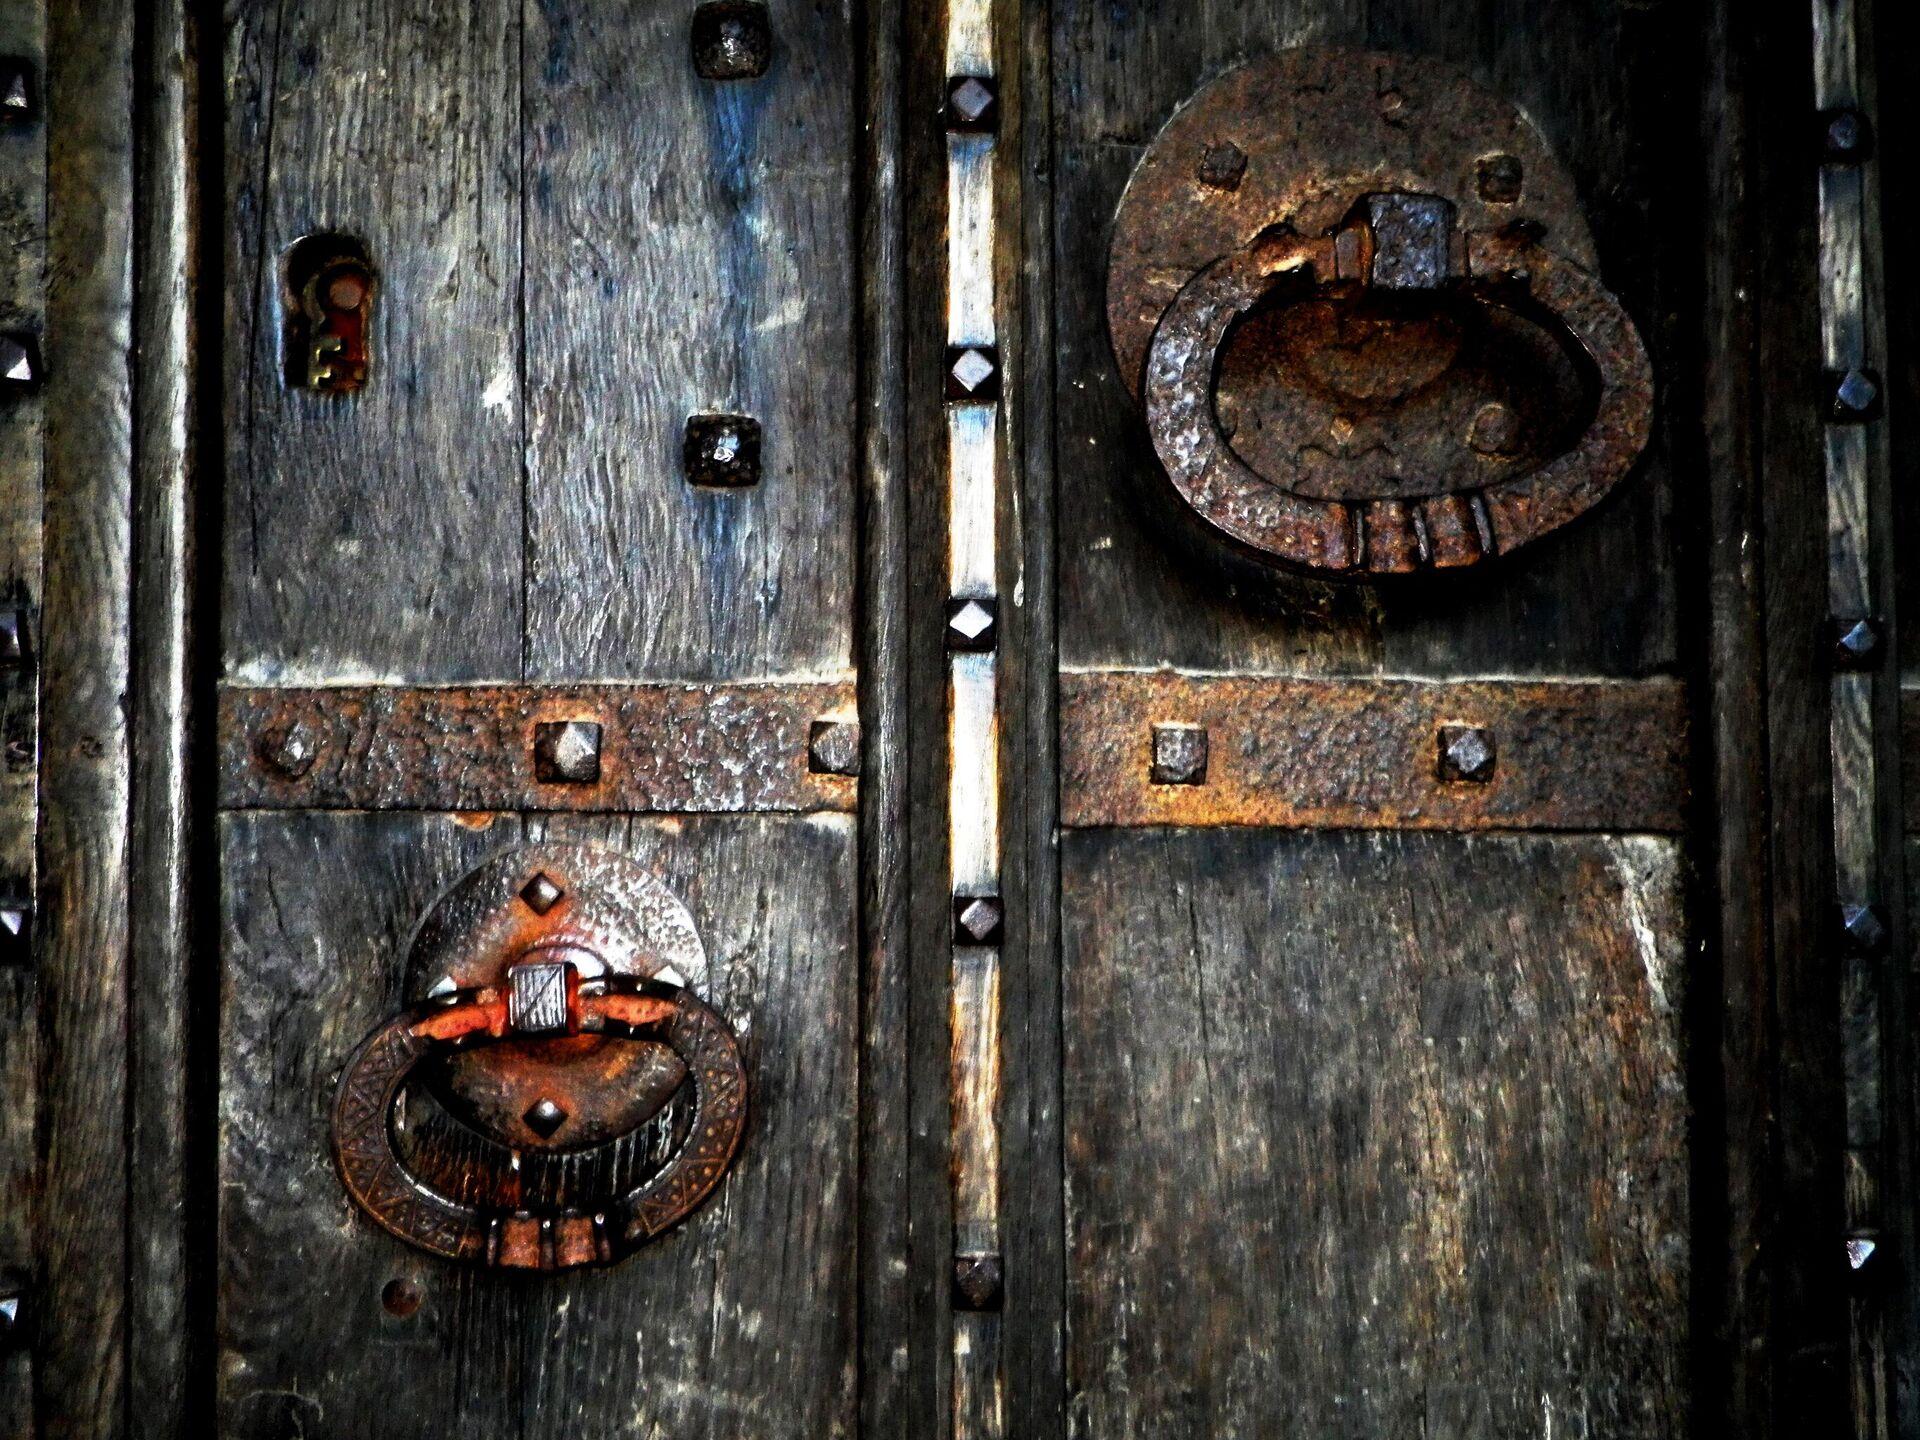 Старинная дверь - РИА Новости, 1920, 15.09.2020